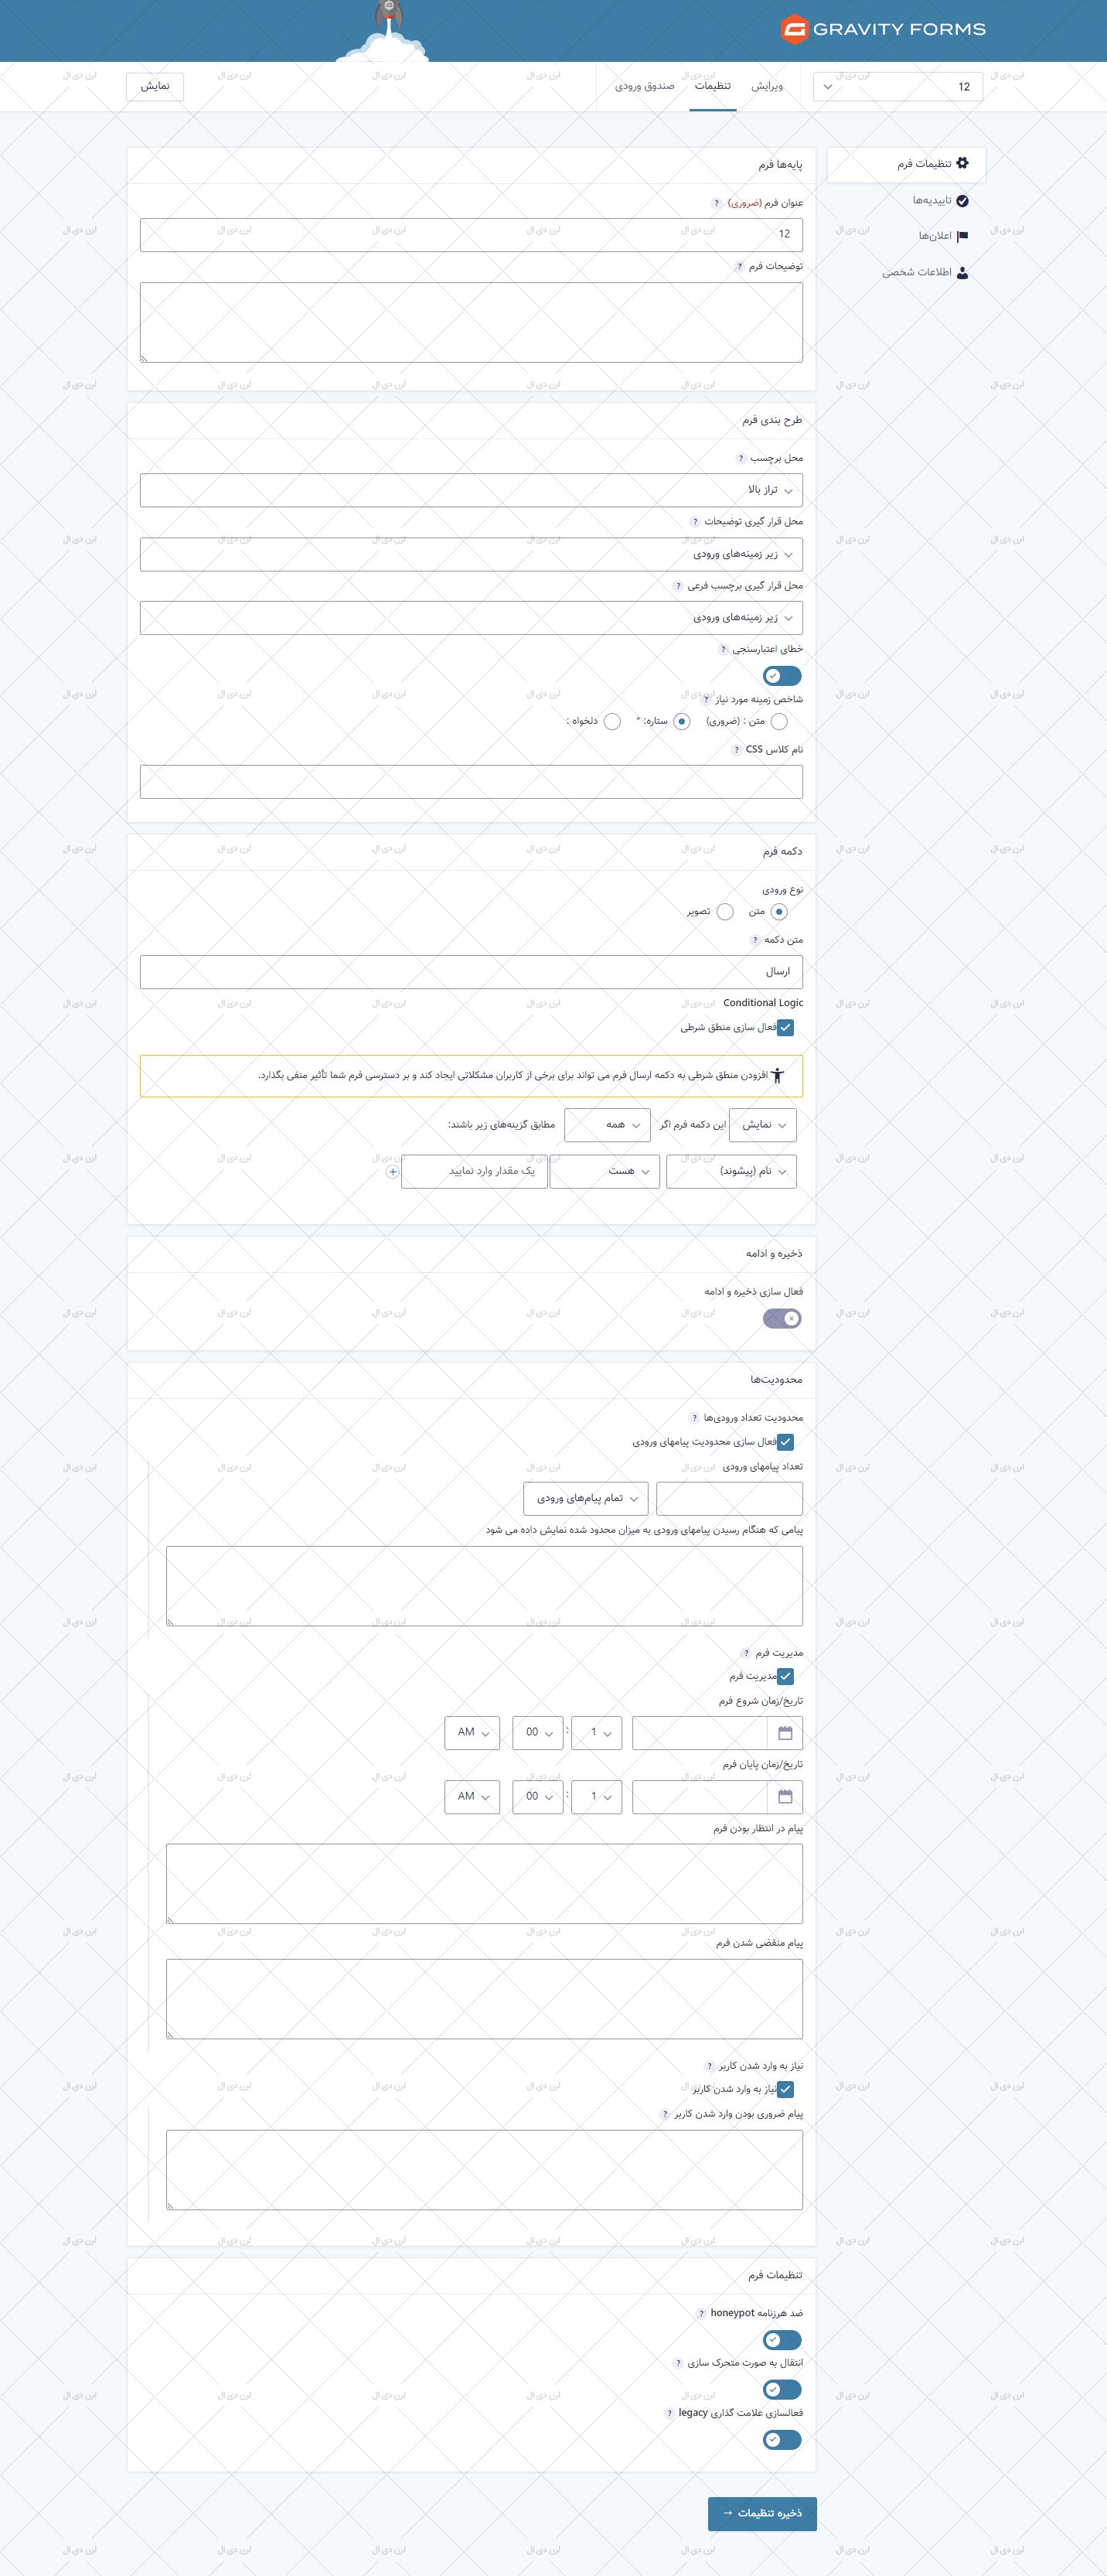 افزونه فارسی Gravity Forms برای وردپرس